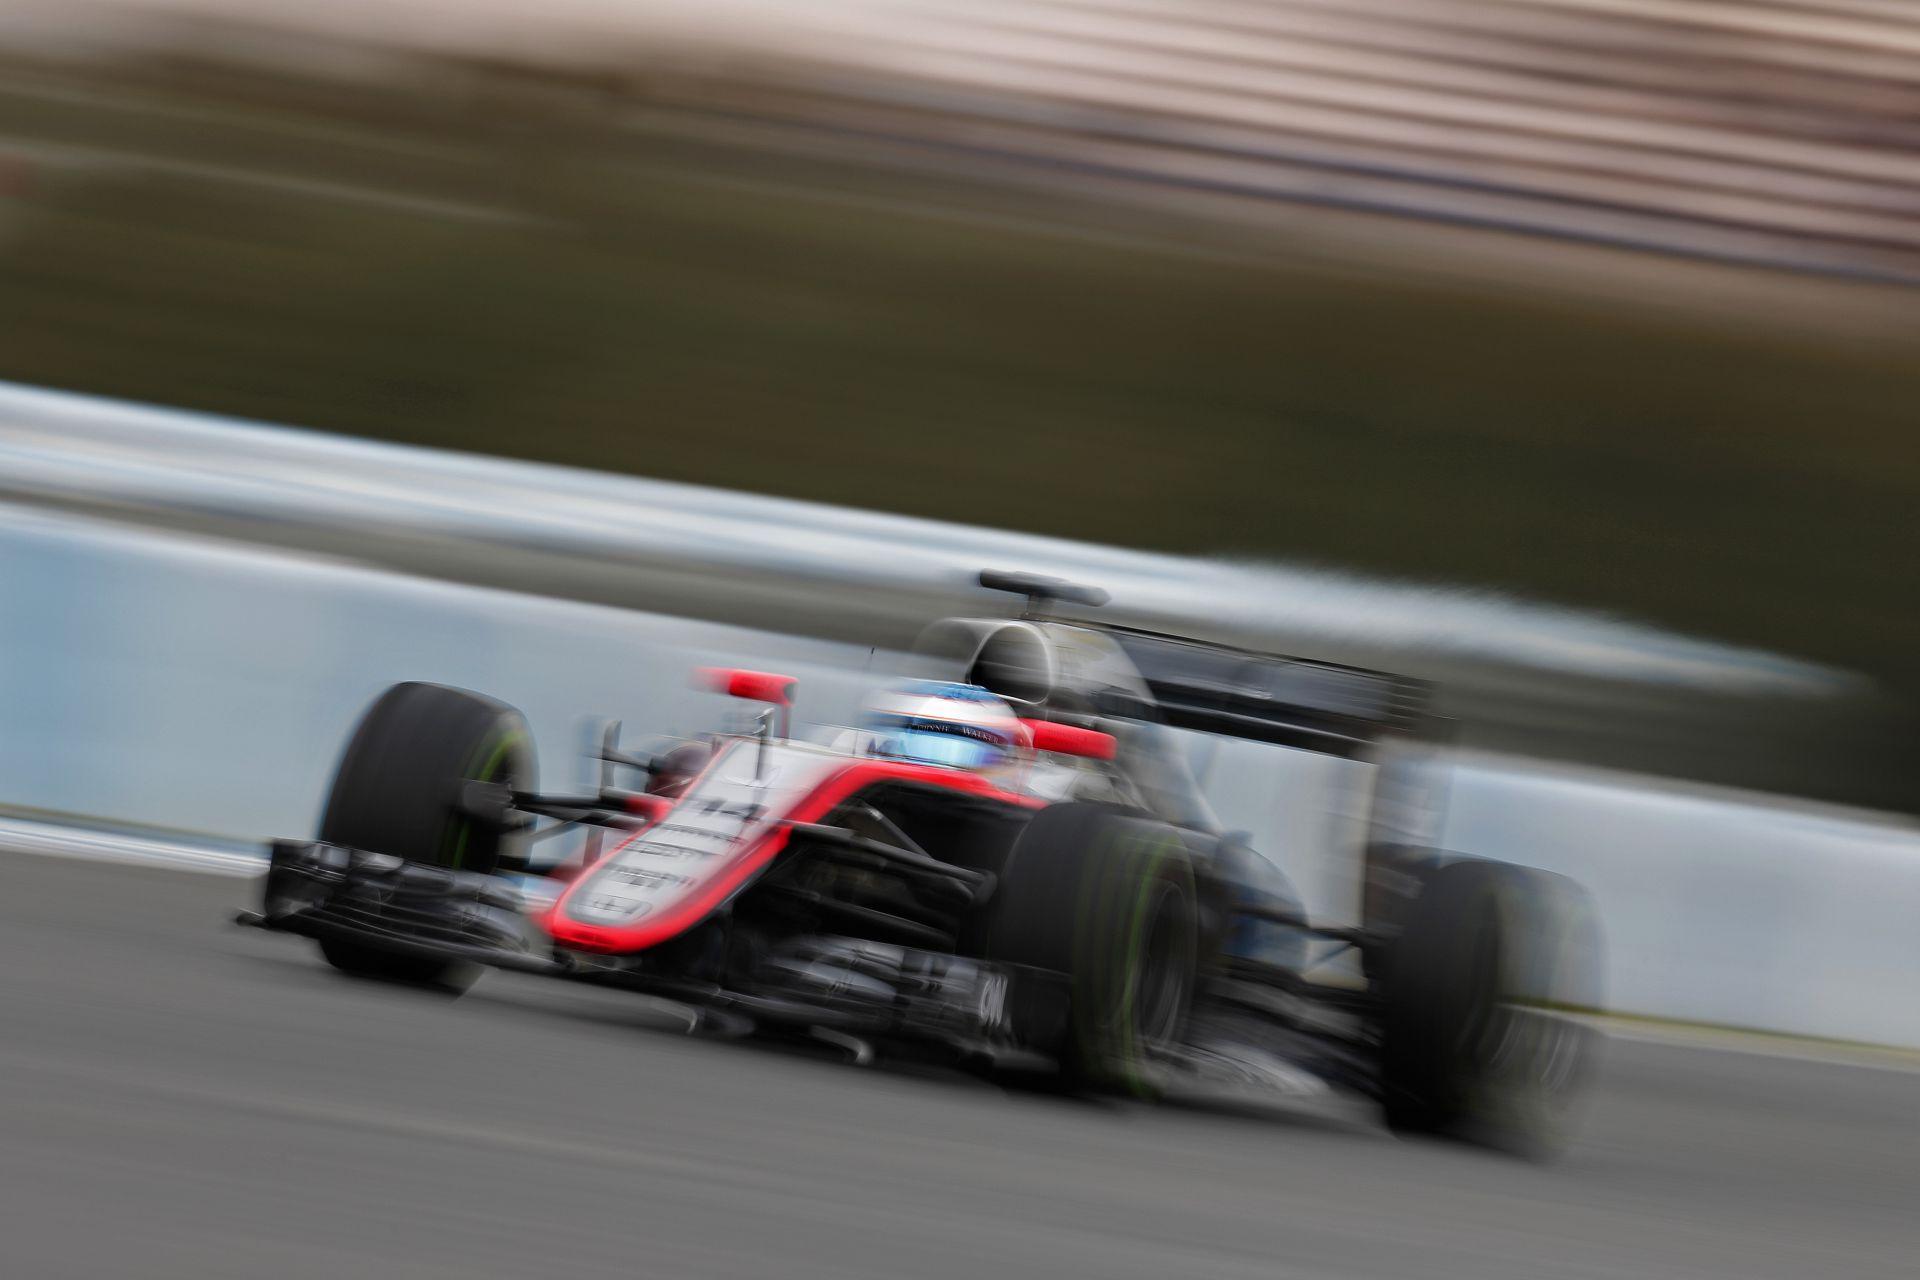 Ilyen hangos a McLaren-Honda: Ez már közelít a Forma-1-es szinthez